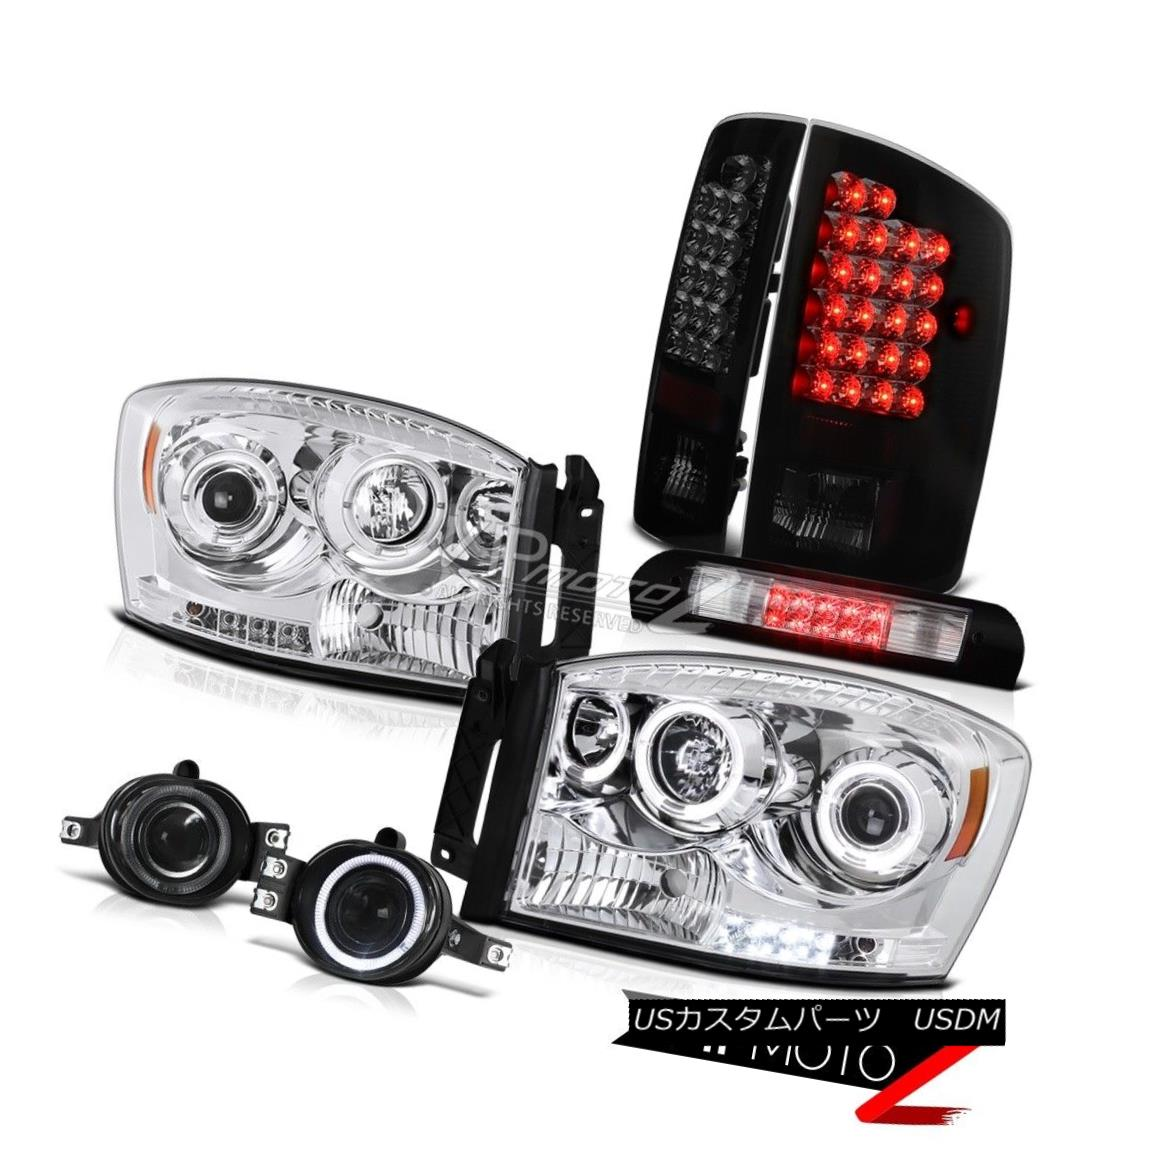 ヘッドライト 2007-2008 Ram ST Halo LED Headlights Philip SuperFlux Taillights Fog High Brake 2007-2008 Ram ST Halo LEDヘッドライトPhilip SuperFlux曇り高ブレーキ